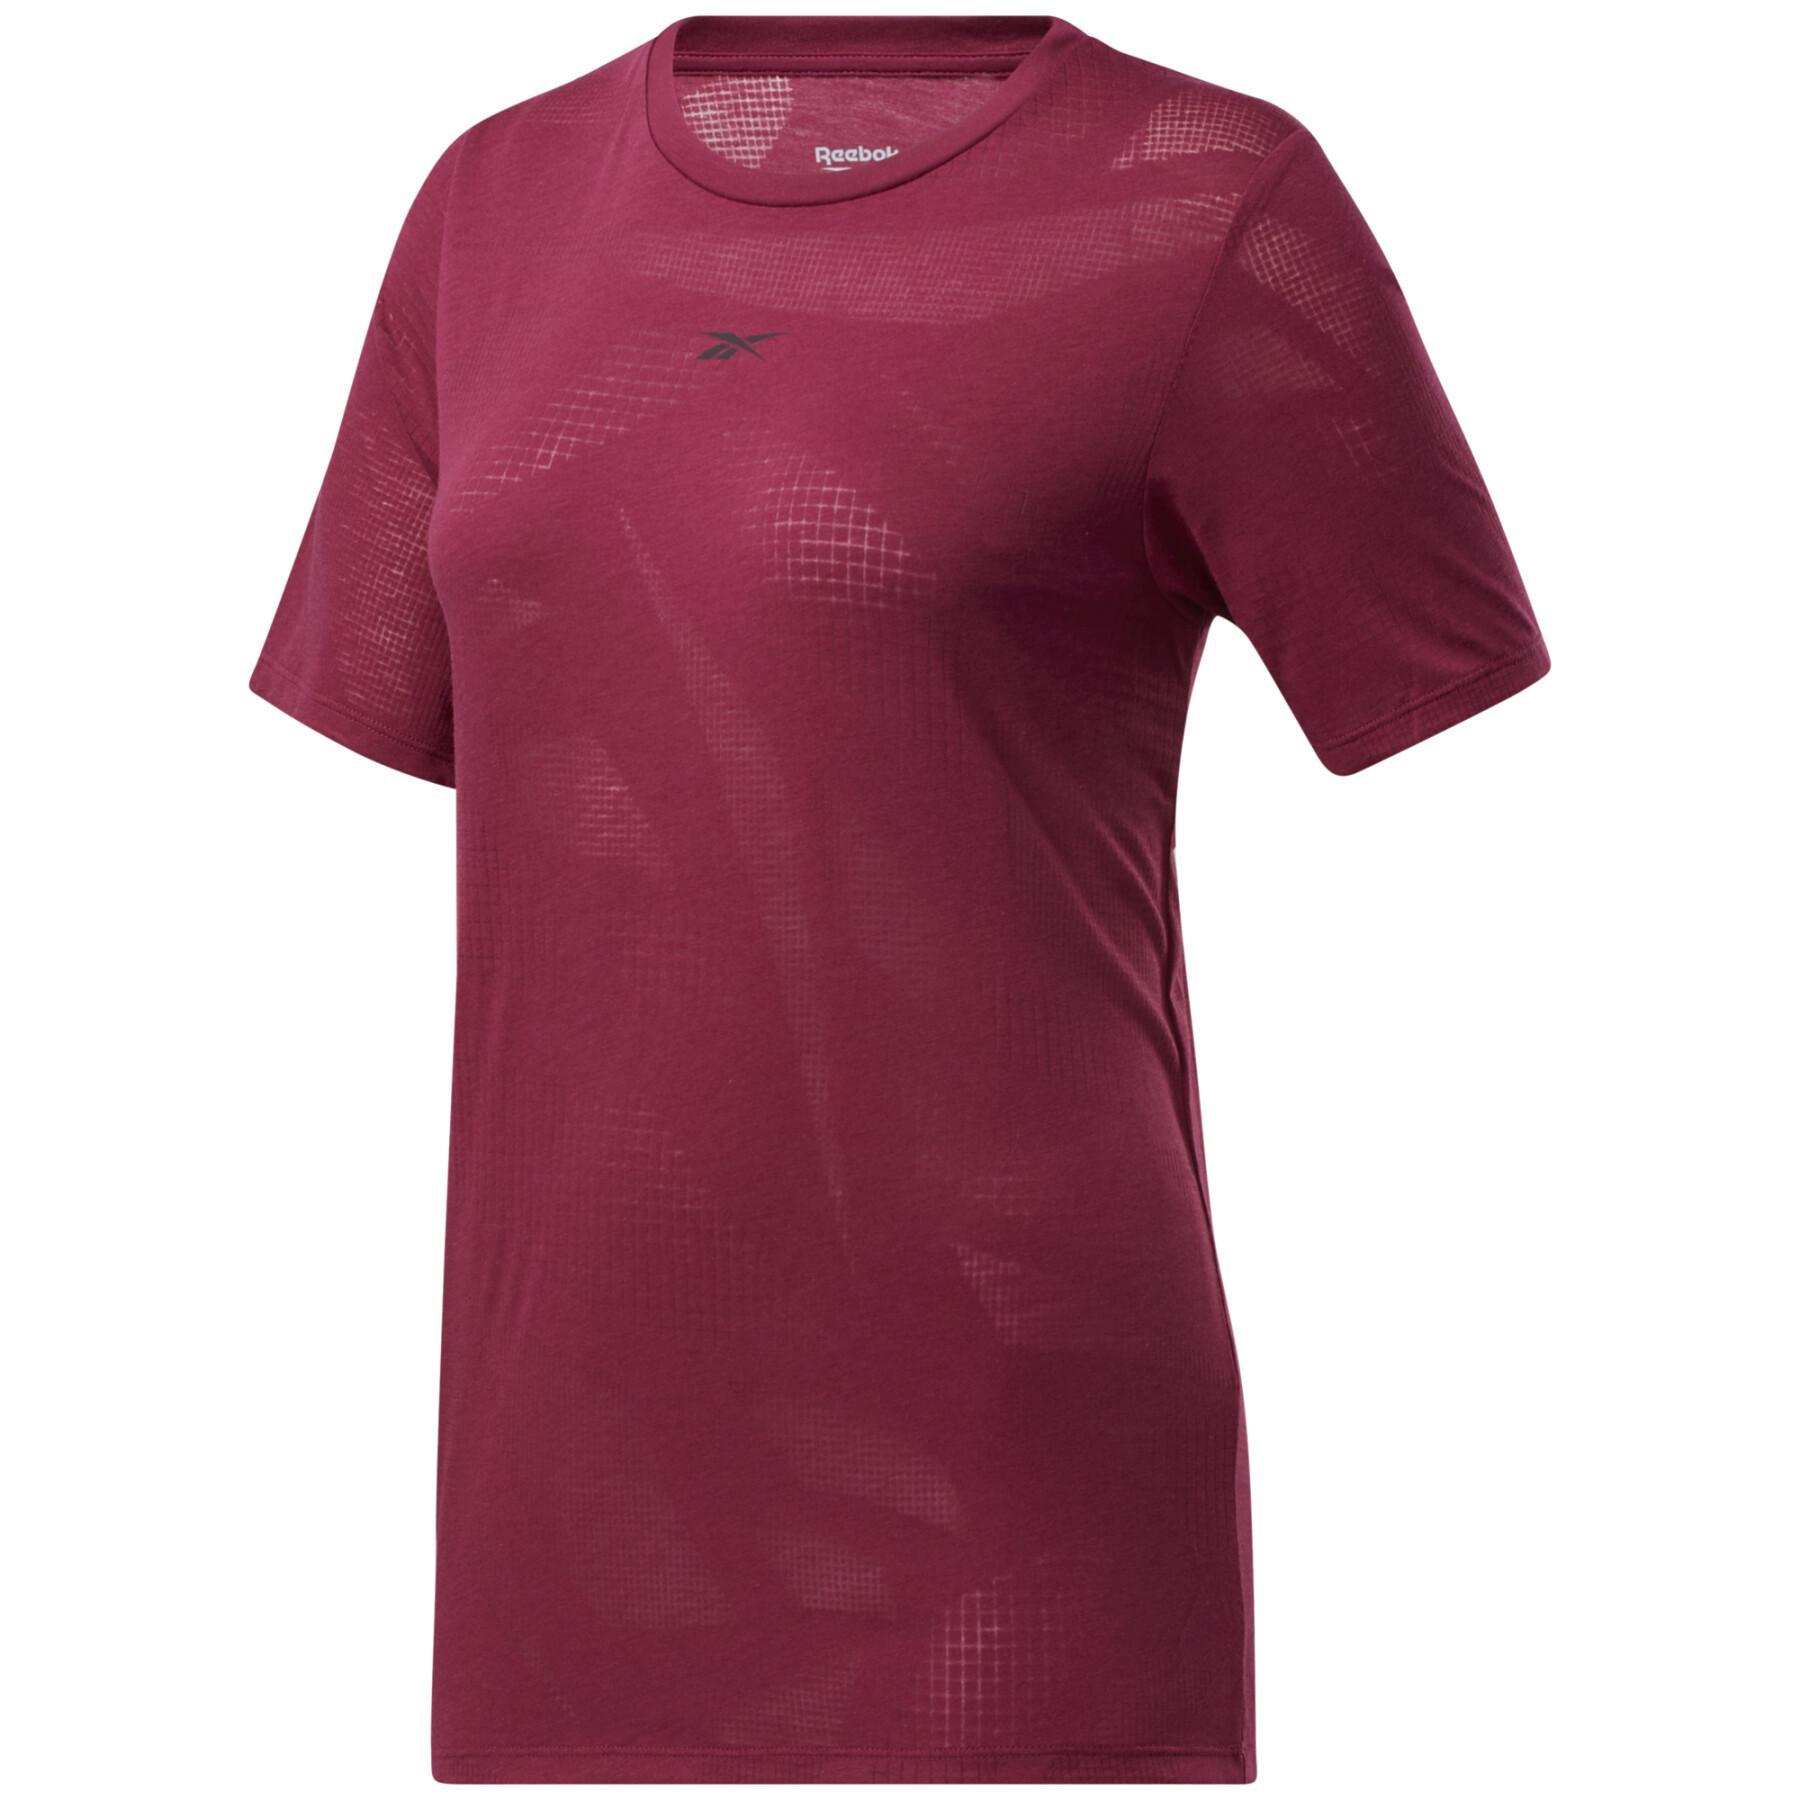 Women's semi-openworked T-shirt Reebok